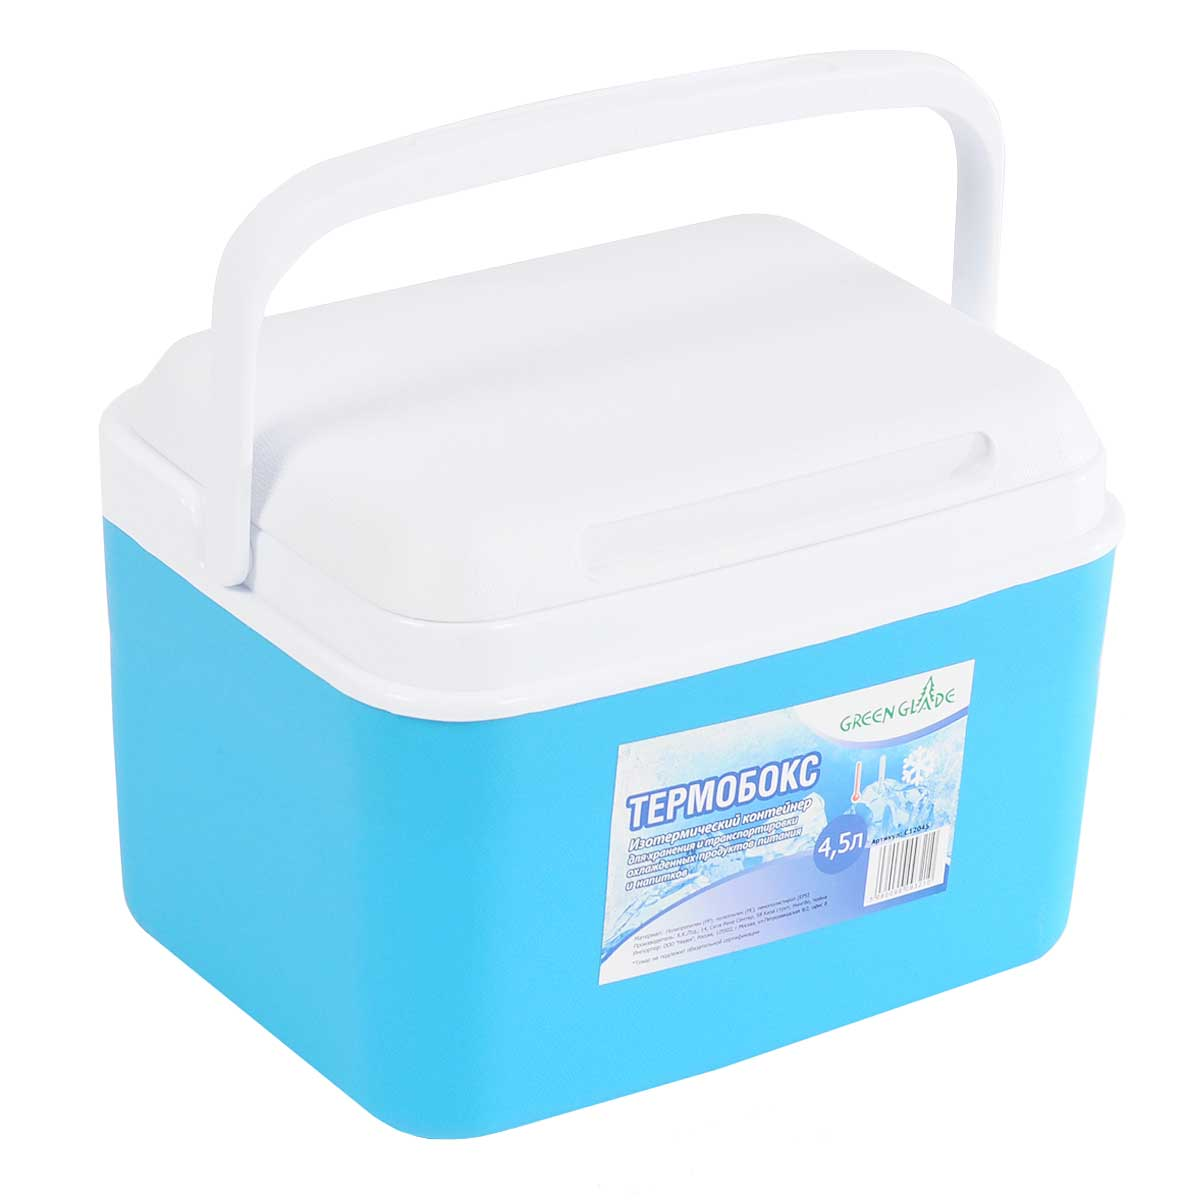 Контейнер изотермический Green Glade, цвет: голубой, 4,5 лС12045Легкий и прочный изотермический контейнер Green Glade предназначен для хранения и транспортировки охлажденных и быстропортящихся продуктов питания и напитков. Корпус и крышка контейнера изготовлены из высококачественного полипропилена. Между двойными стенками находится термоизоляционный слой из пенополистирола, который обеспечивает сохранение температуры. При использовании аккумулятора холода, контейнер обеспечивает сохранение продуктов холодными на 8-10 часов. Подвижная ручка делает более удобной переноску контейнера. Крышка может использоваться как столик или как поднос.